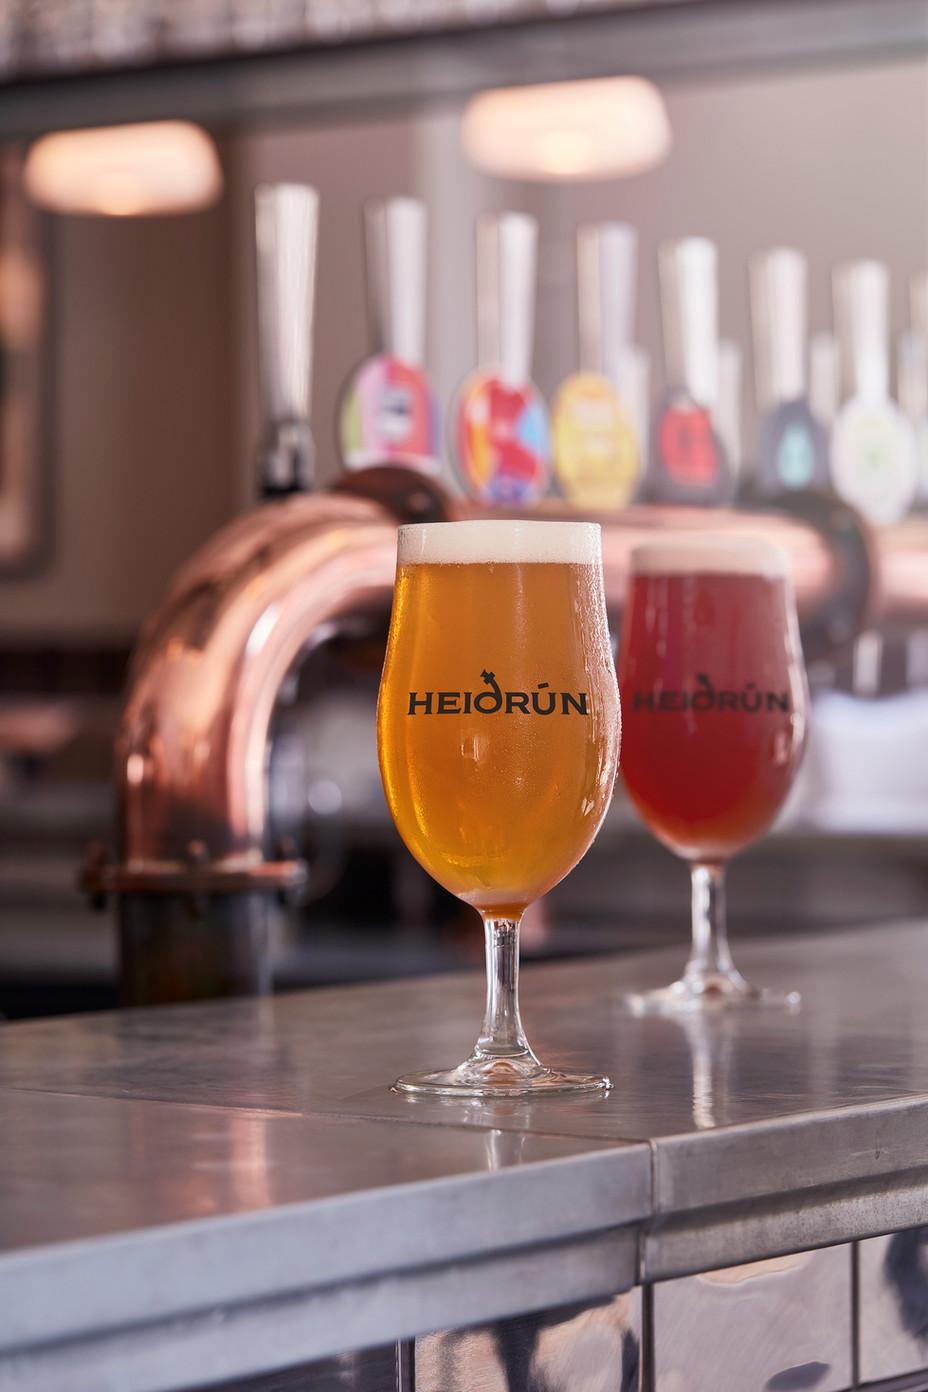 Heidrun craft beer